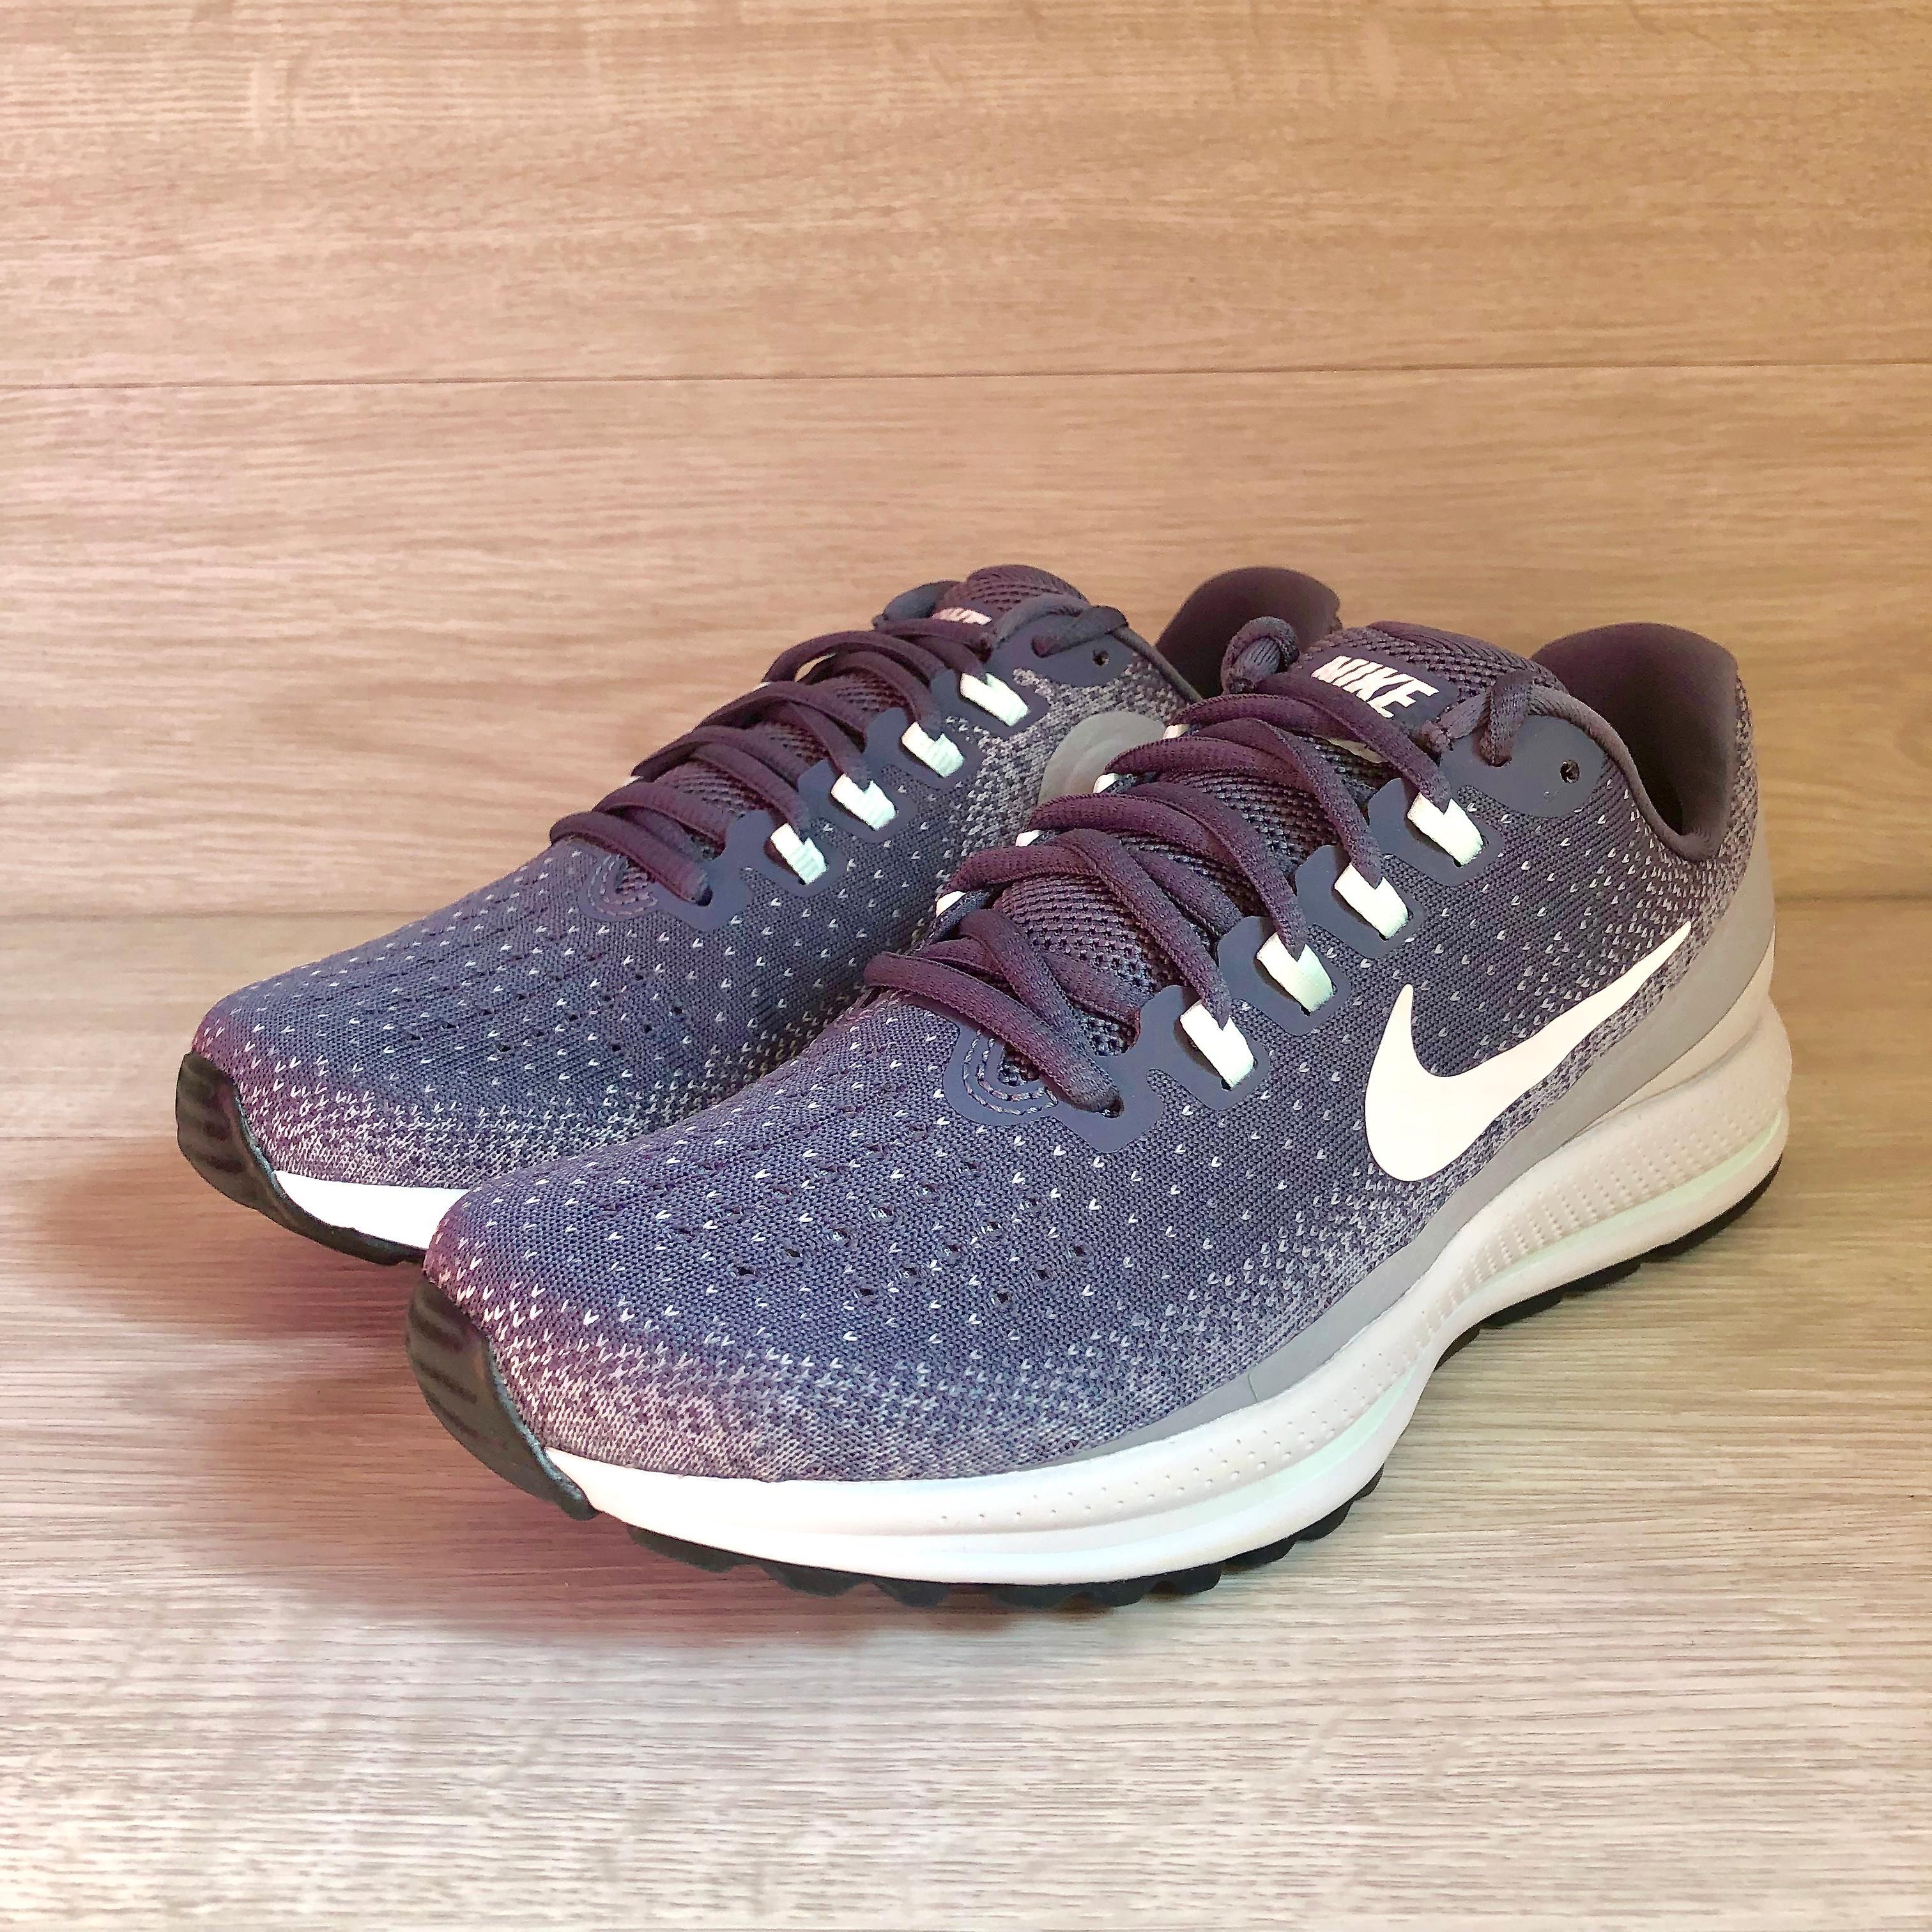 Nike Air Zoom Vomero 13 922909 002 Damen Trainer